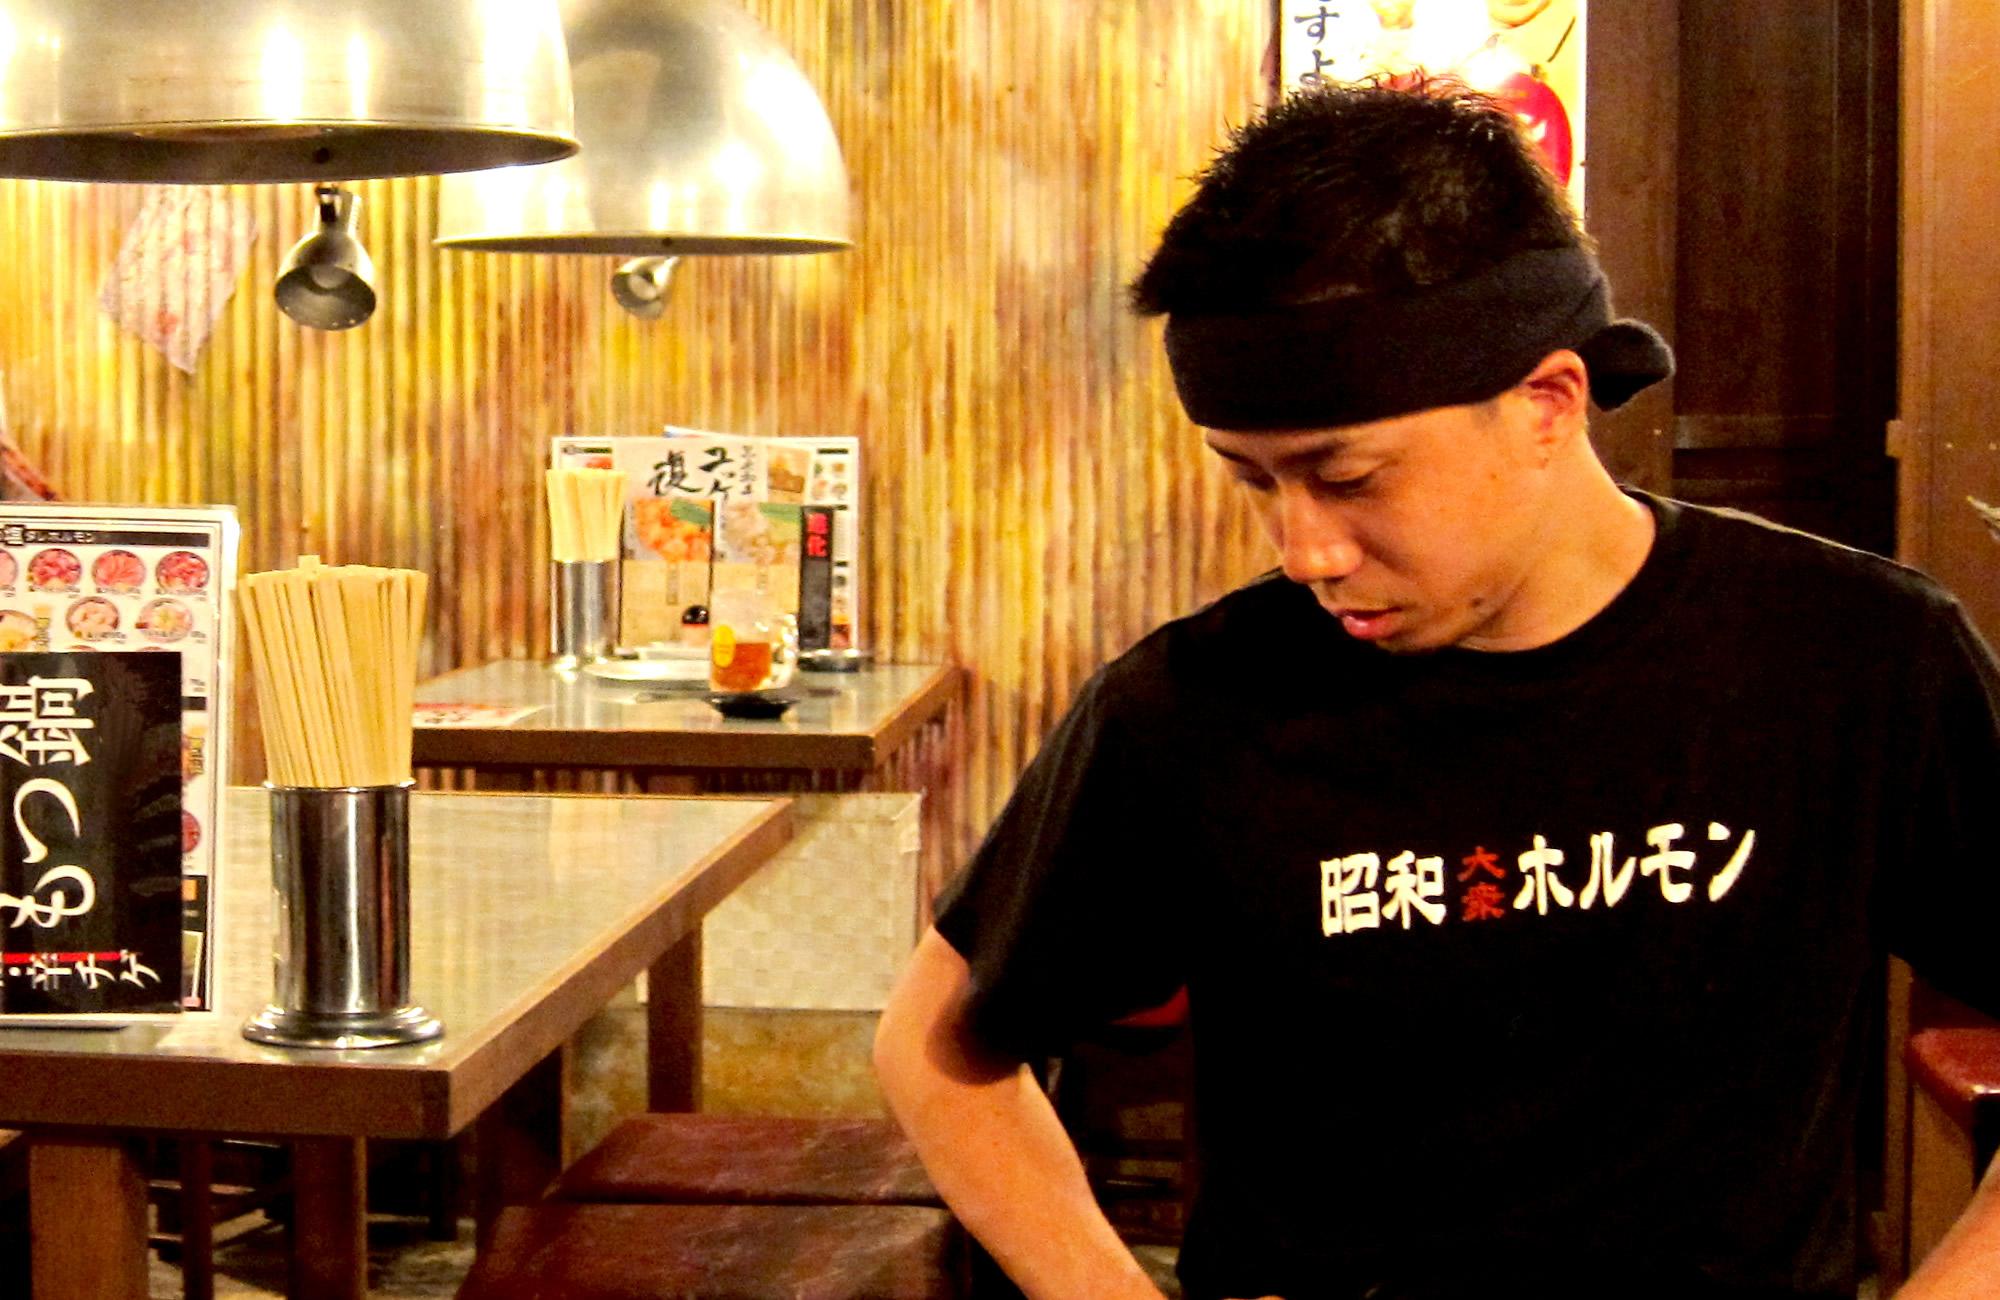 昭和大衆ホルモン 道頓堀店 店長 兼 ミナミエリア サブマネージャー 全ての人に感謝!!